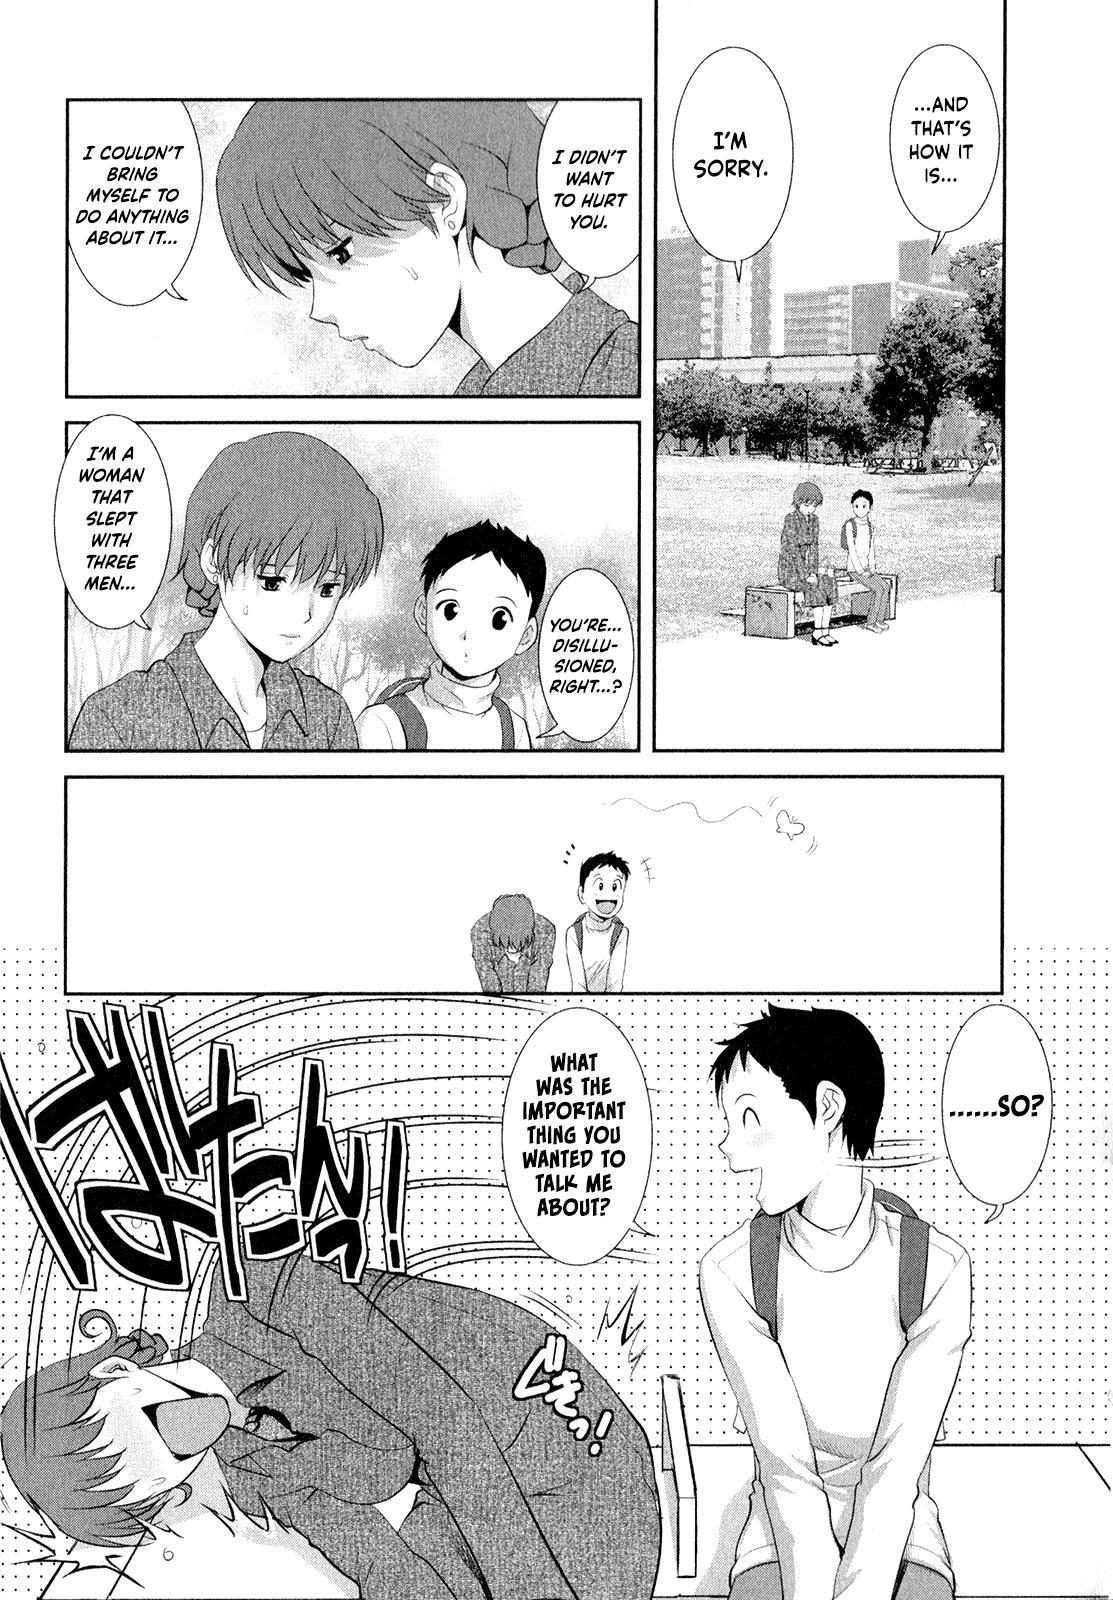 [Saigado] Hitozuma Audrey-san no Himitsu ~30-sai kara no Furyou Tsuma Kouza~ - Vol. 2 Ch. 9~12 [English] {Hennojin} 17